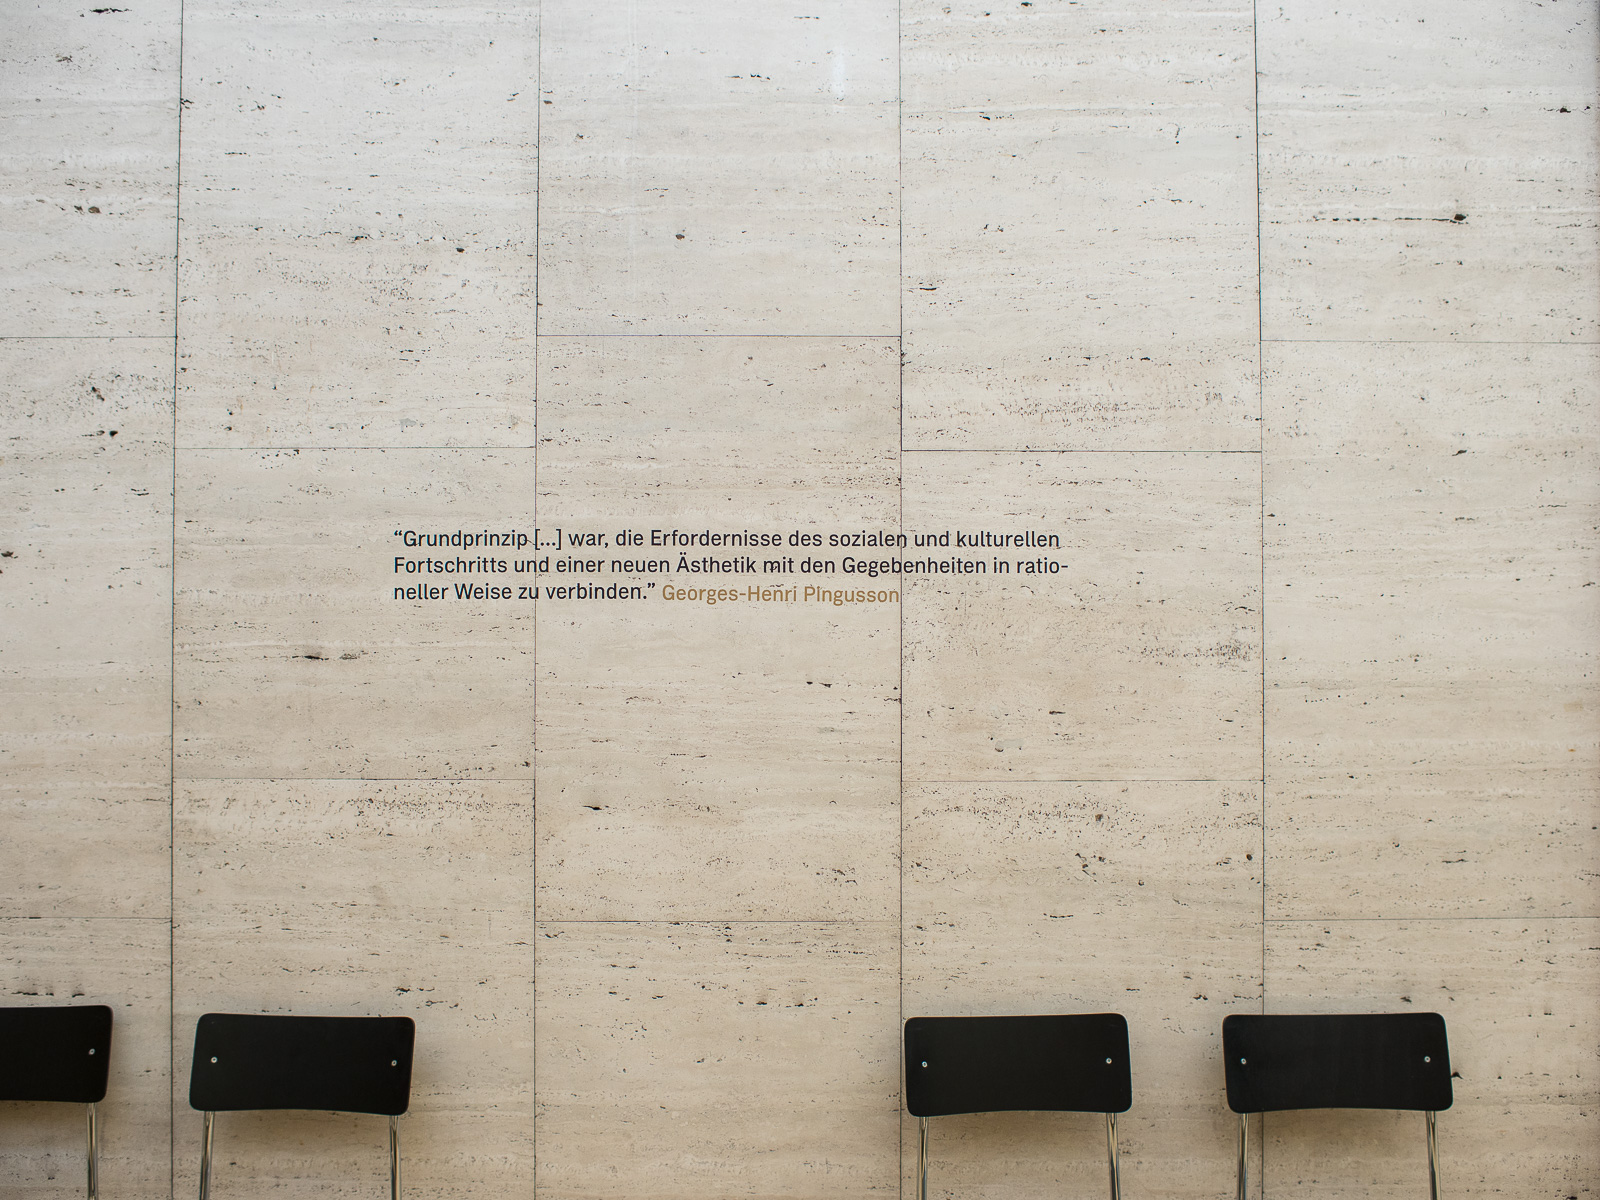 180928_MinBK_Resonanzen-Ausstellung-6_web